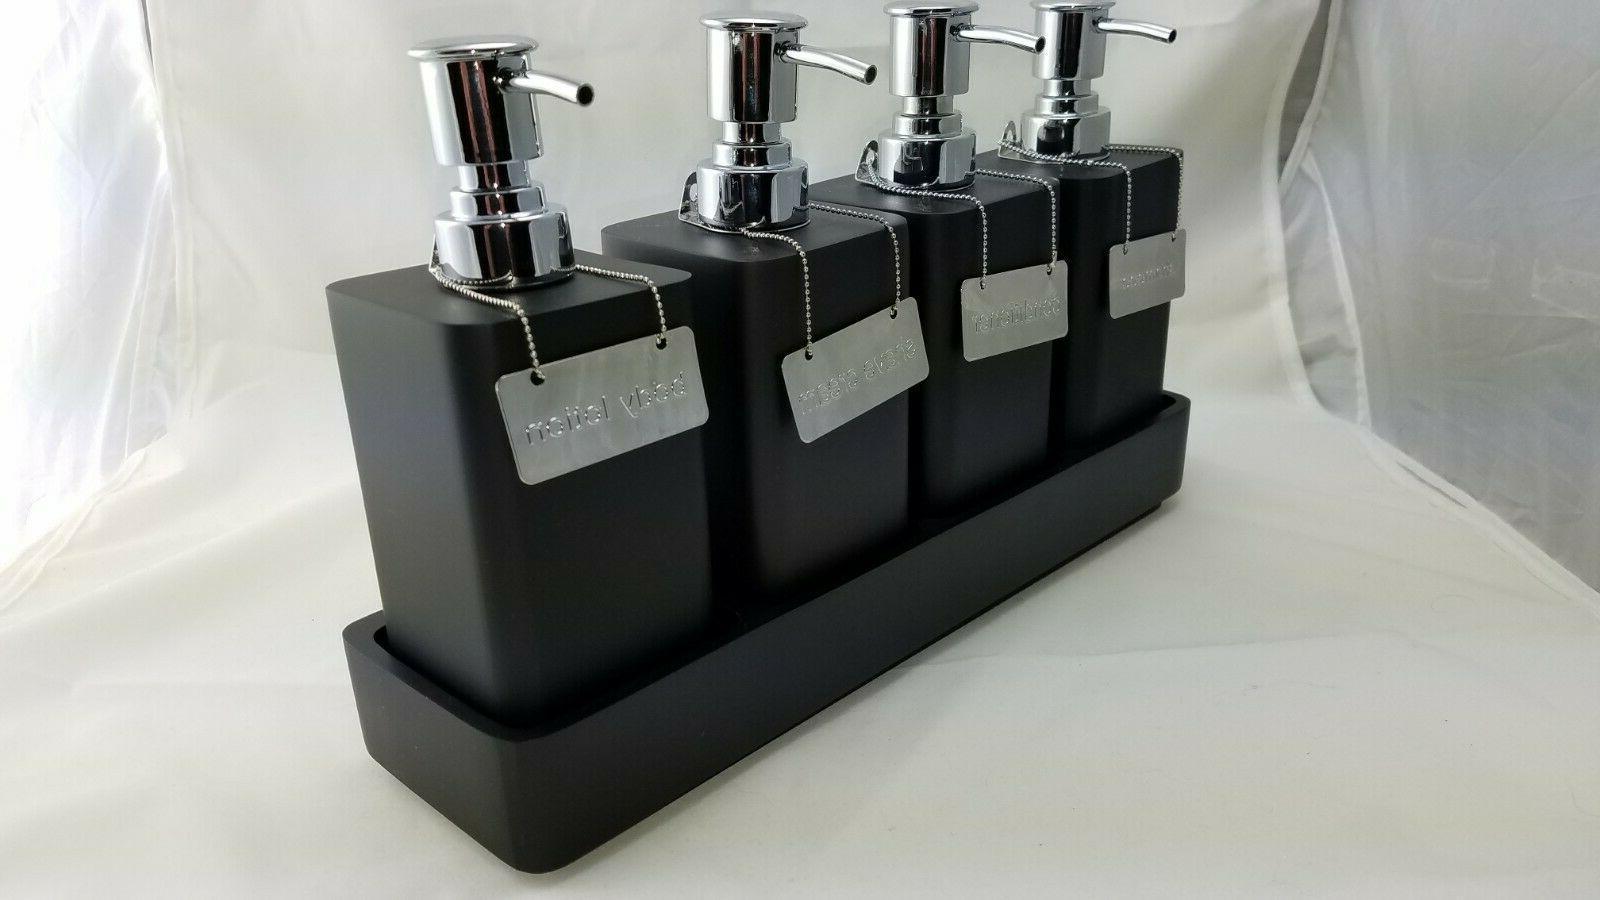 Restoration Hardware Resin Shelf Set w/ Pumps